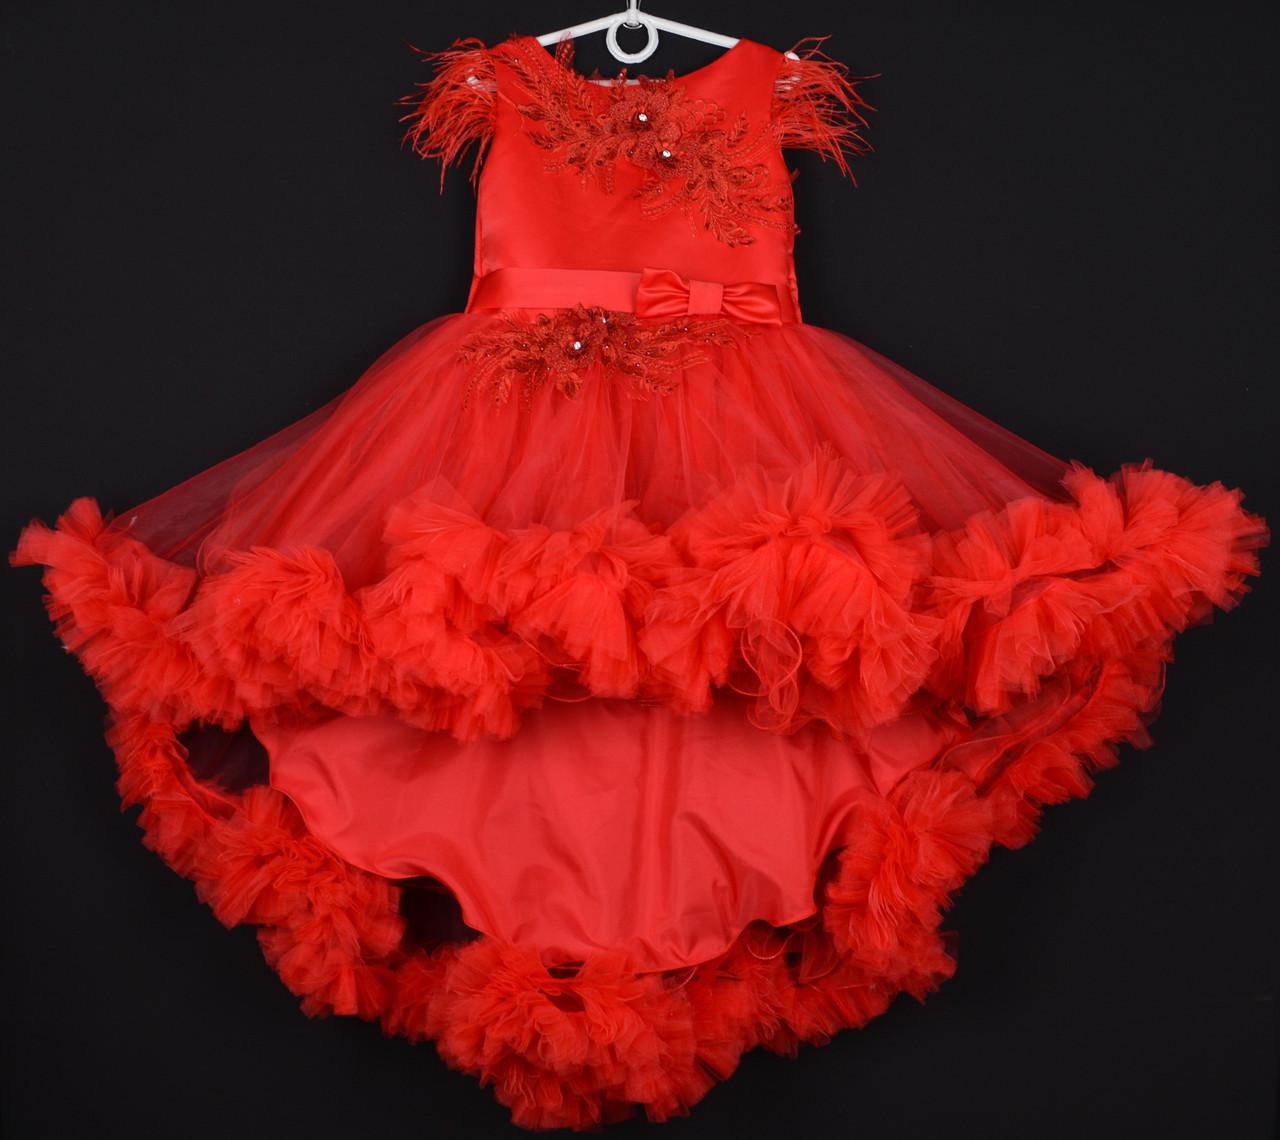 """Платье нарядное детское """"Феерия"""". 6-7 лет. Красное. Оптом и в розницу"""